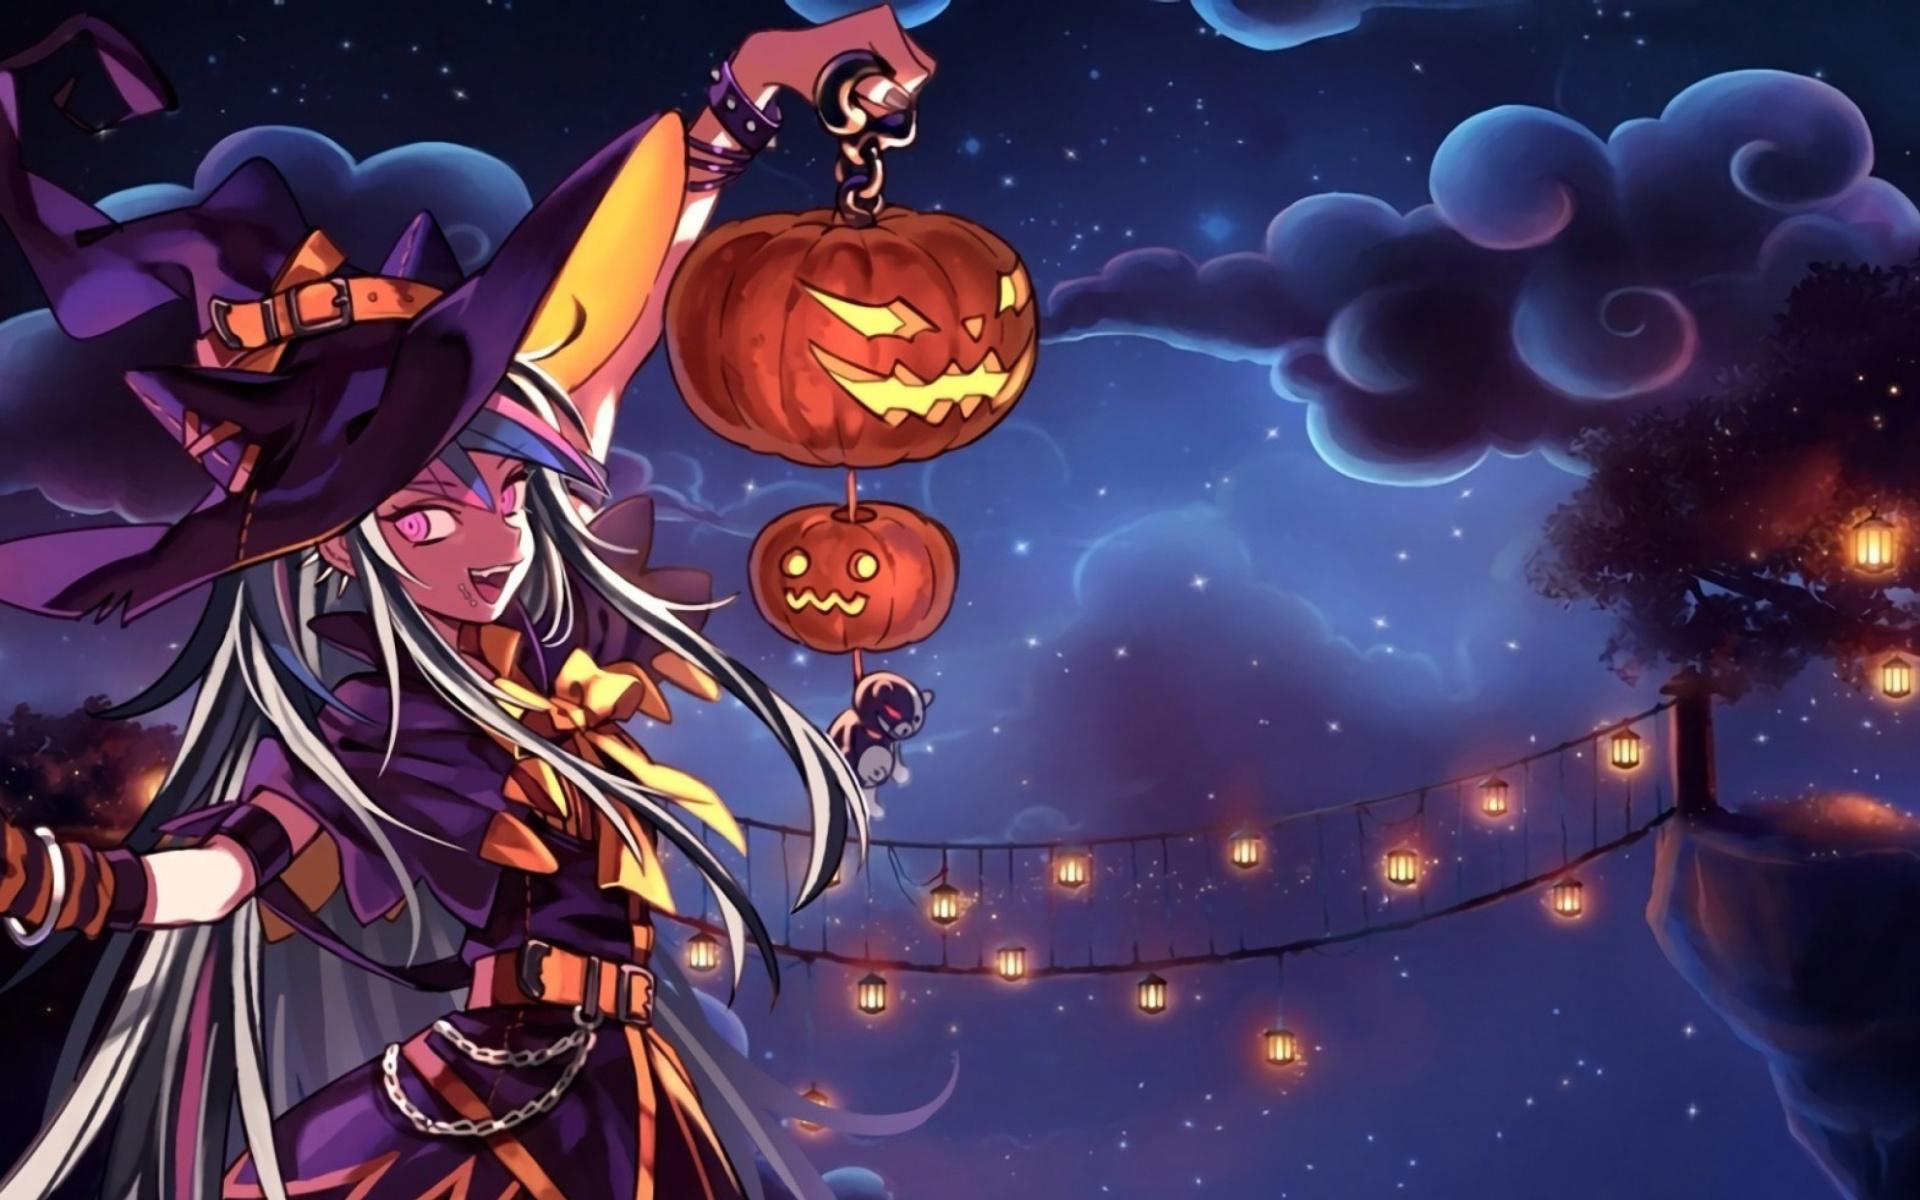 Halloween Anime - Fondos de pantalla gratis para ...